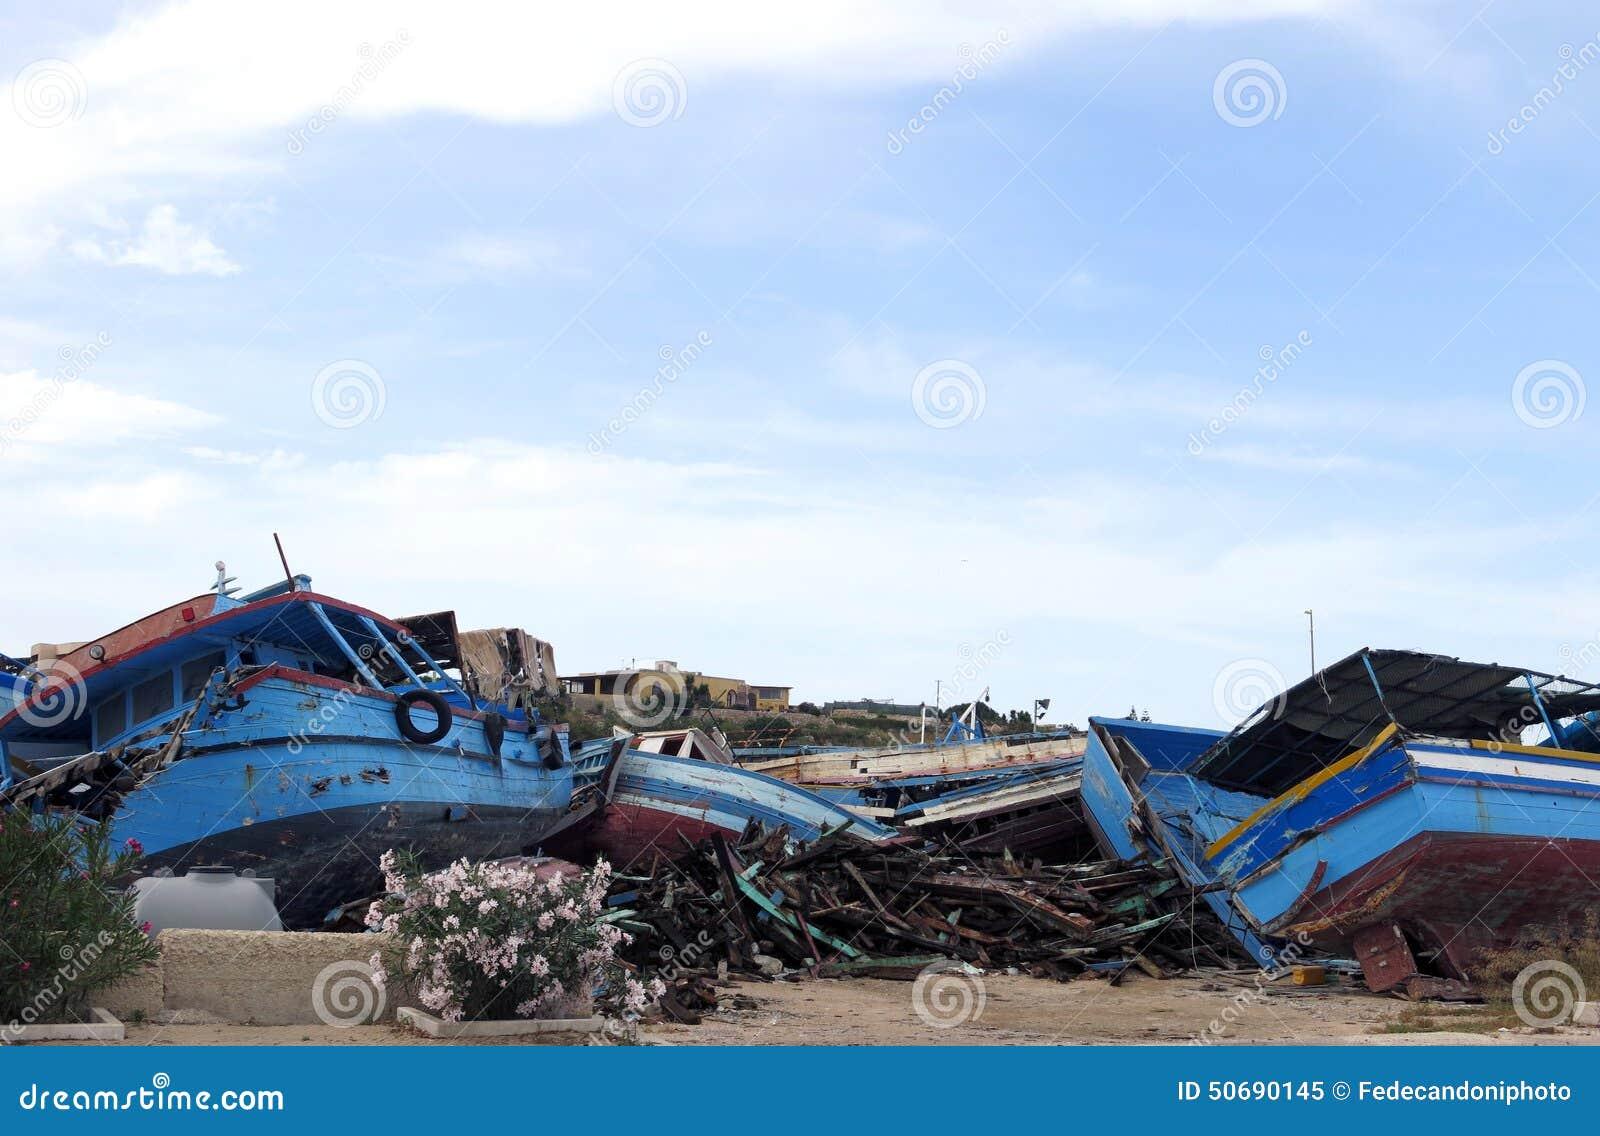 Download 在登陆以后的残破的古老海难 库存图片. 图片 包括有 planked, 登陆, 小船, 秘密, 灾害, 社会 - 50690145